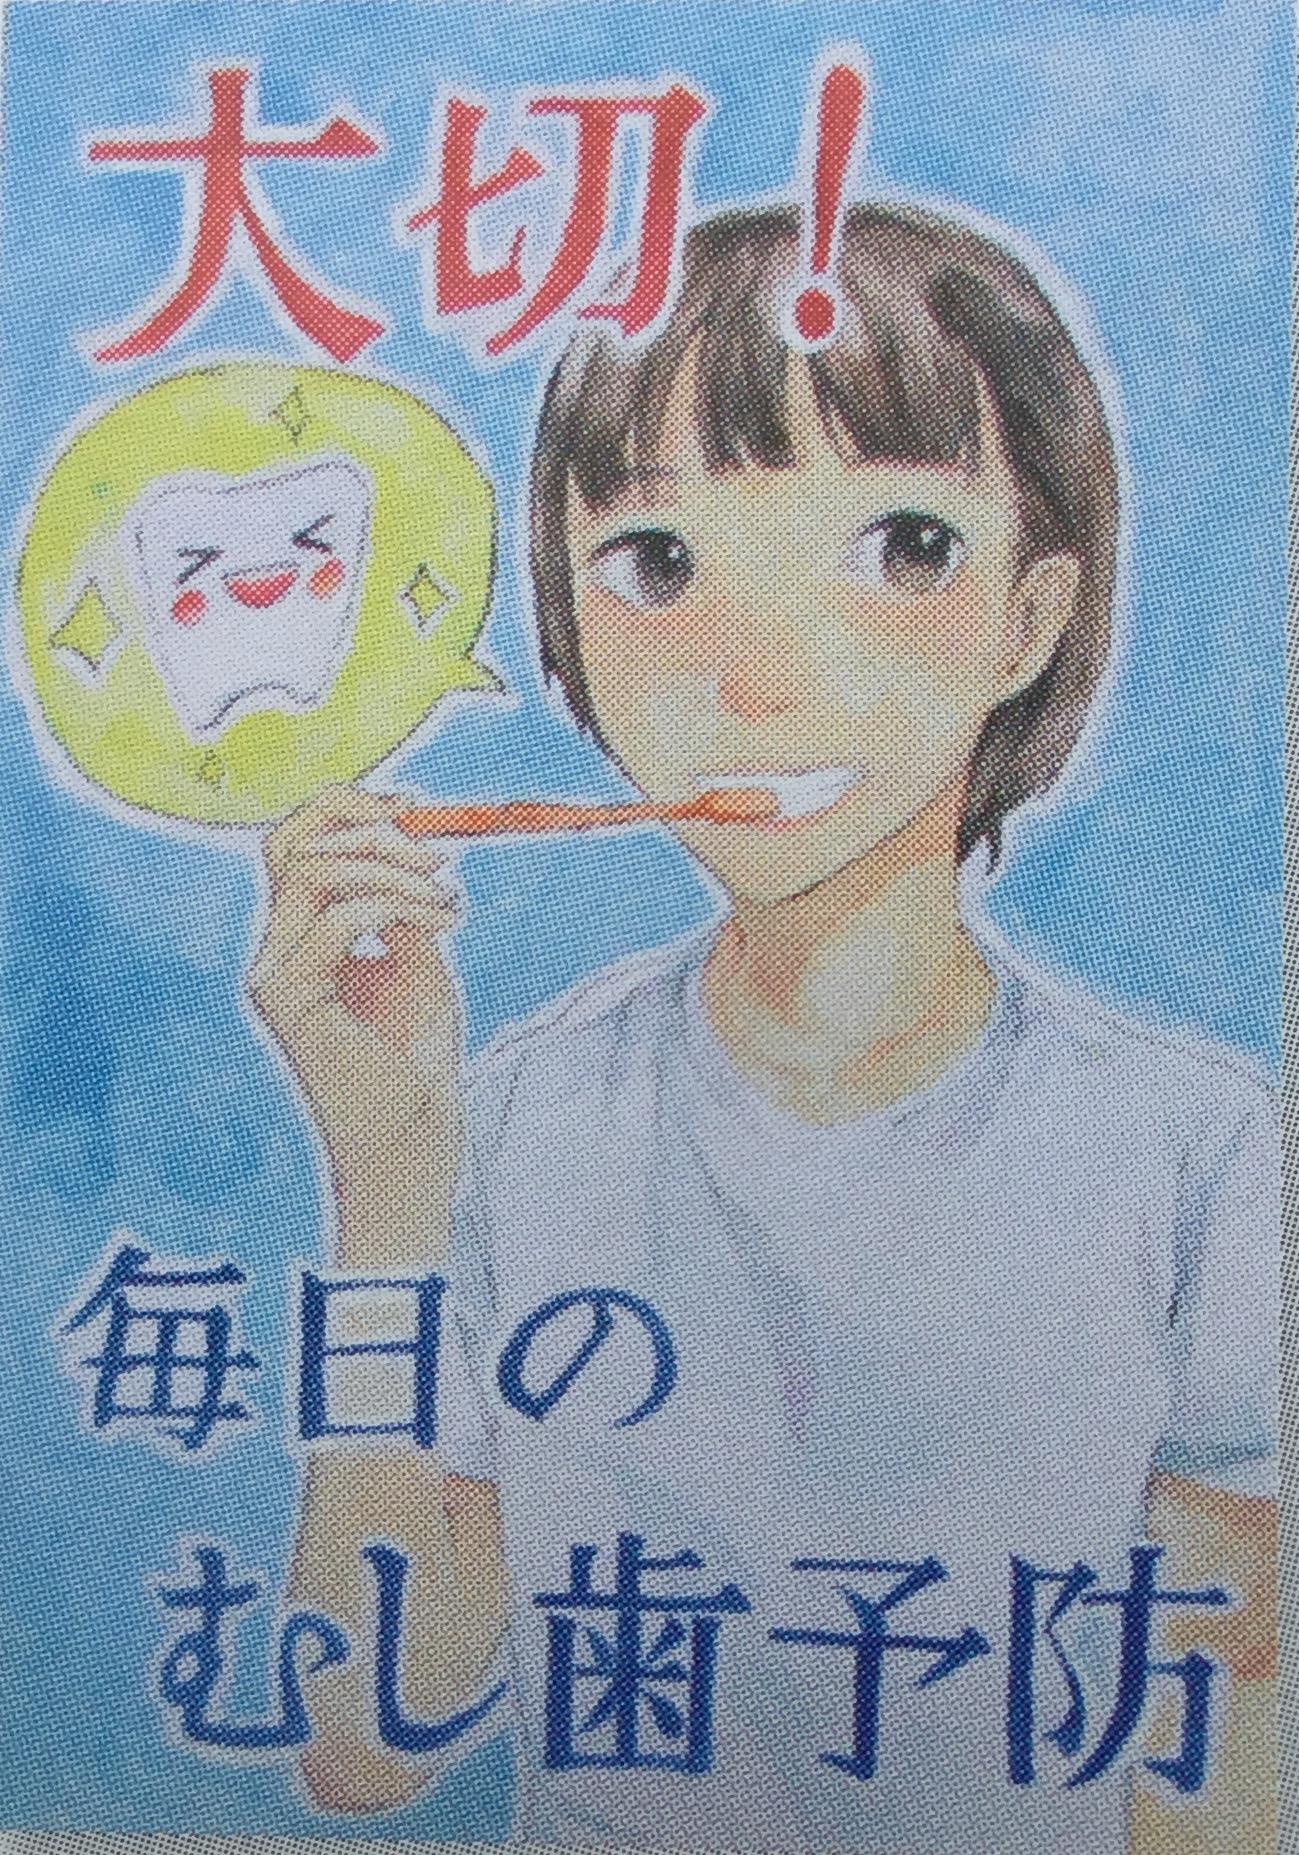 歯周炎  全身への悪影響   4